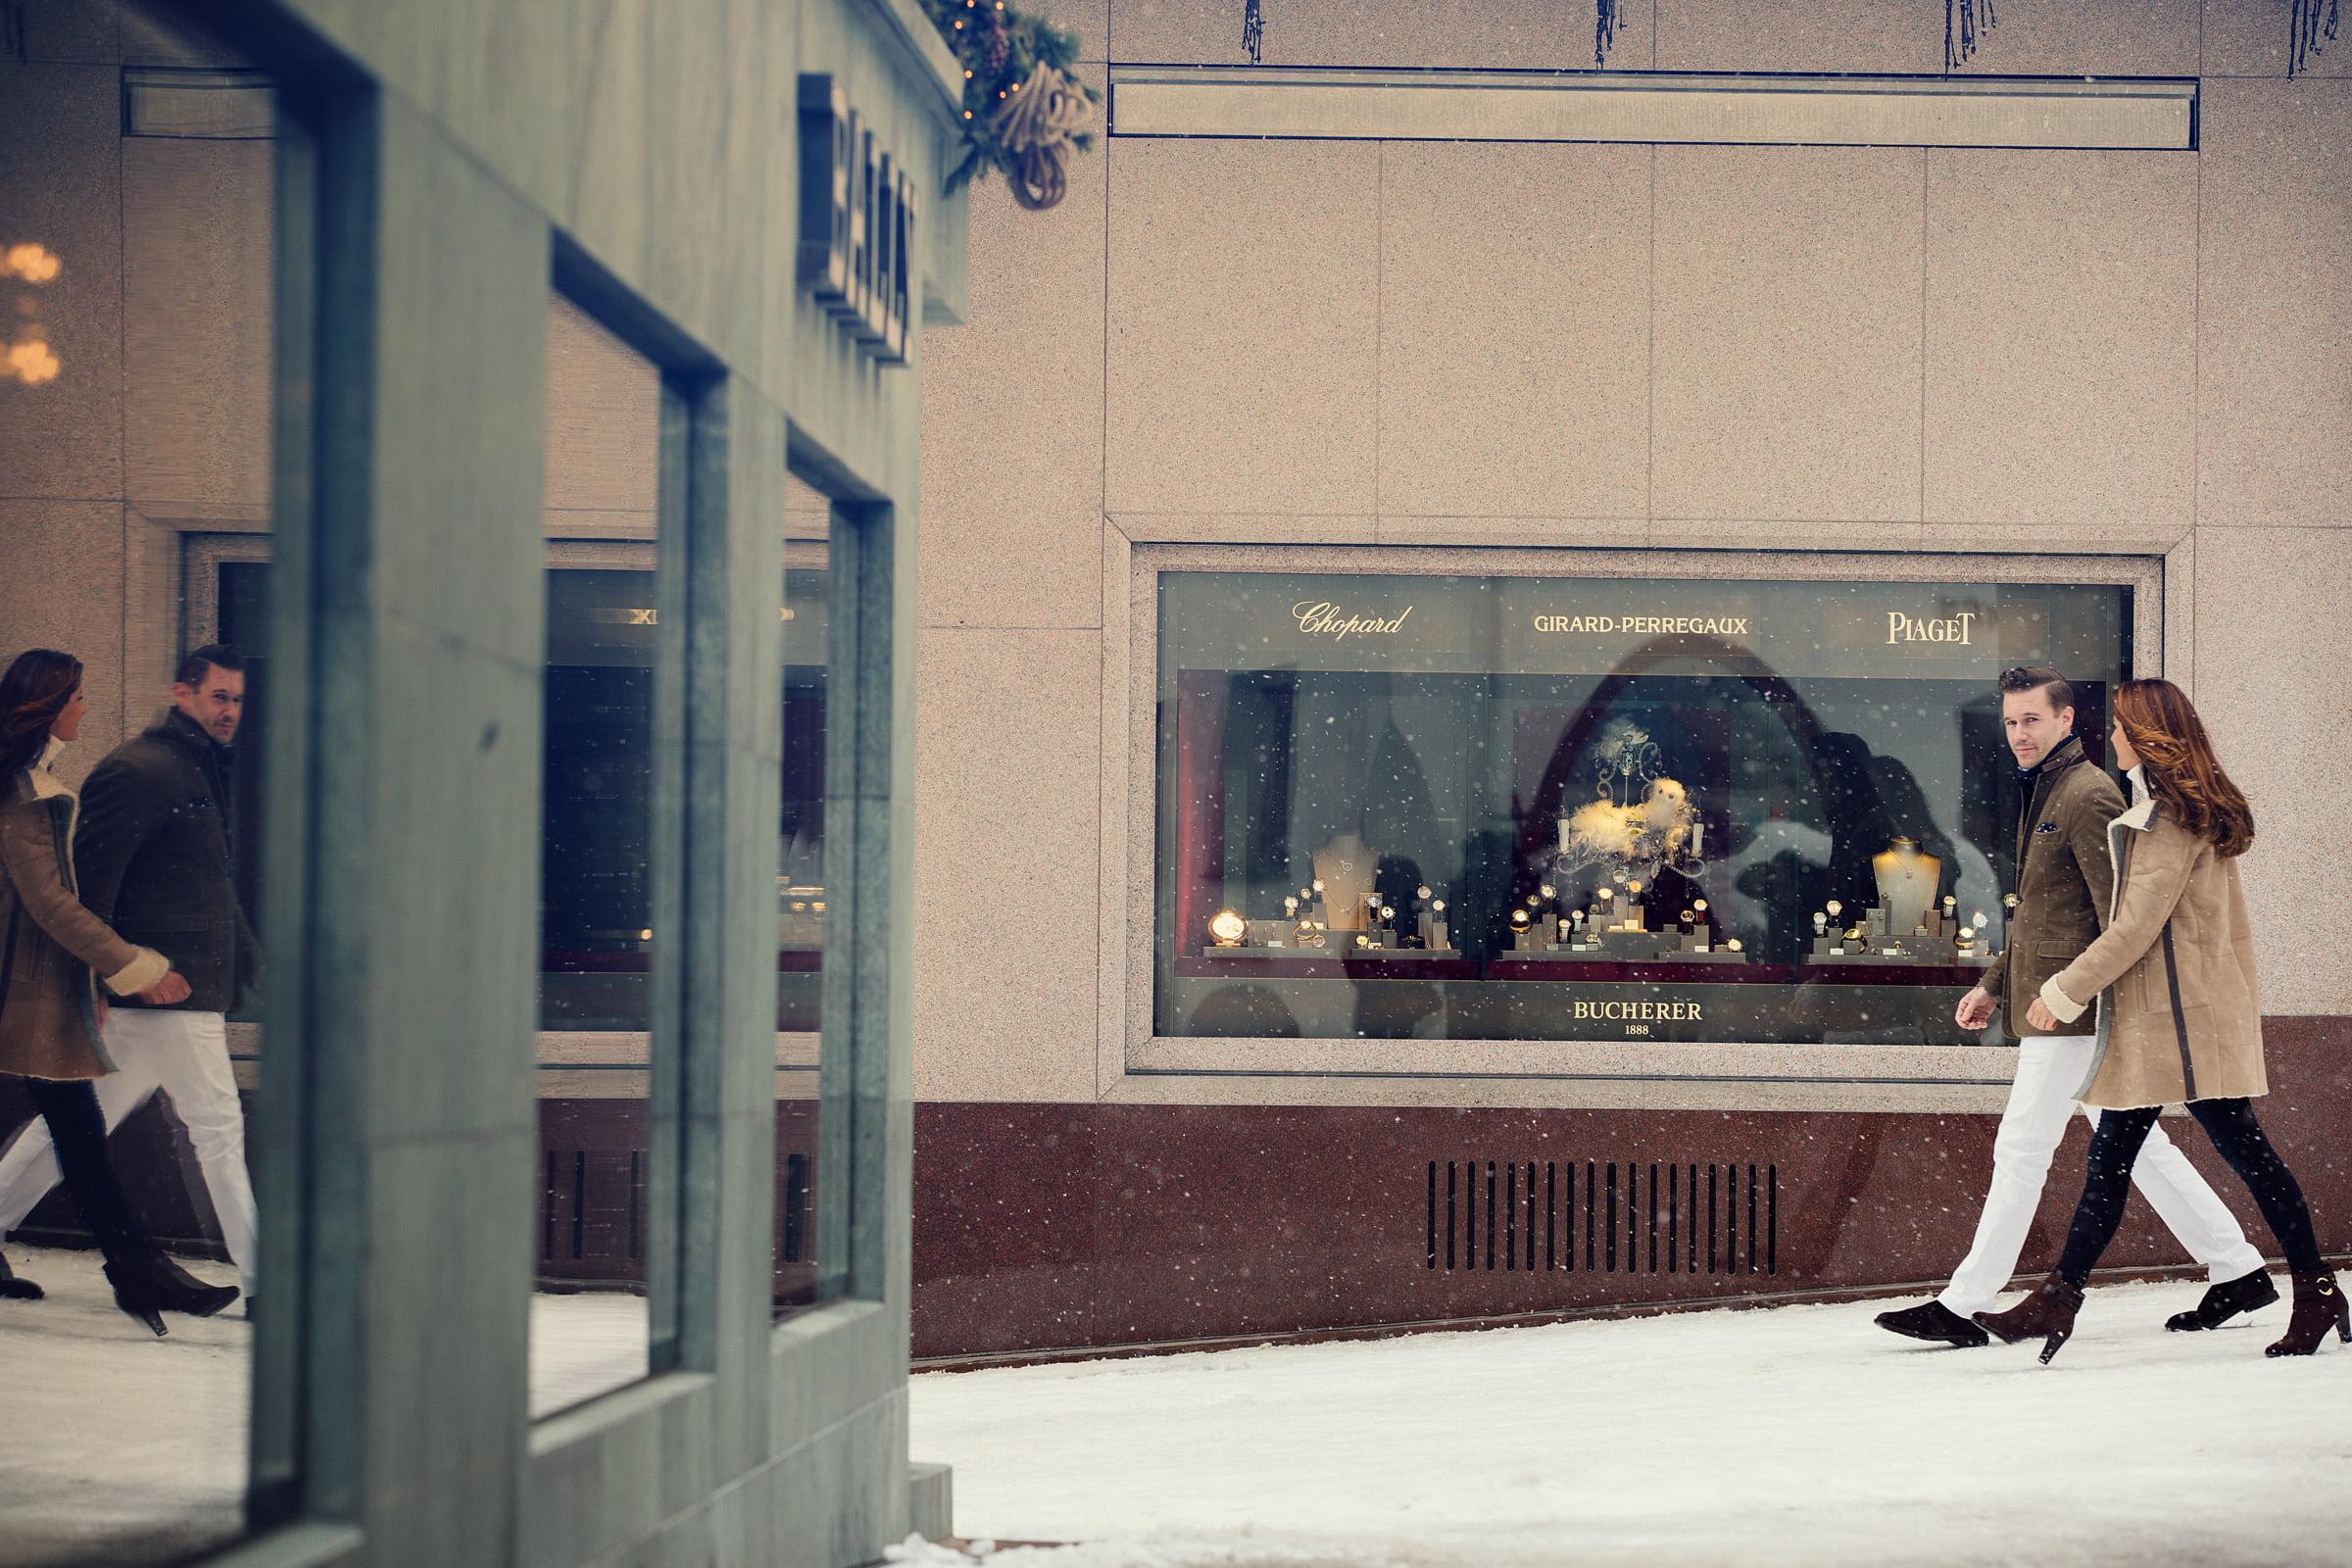 St. Moritz Shopping